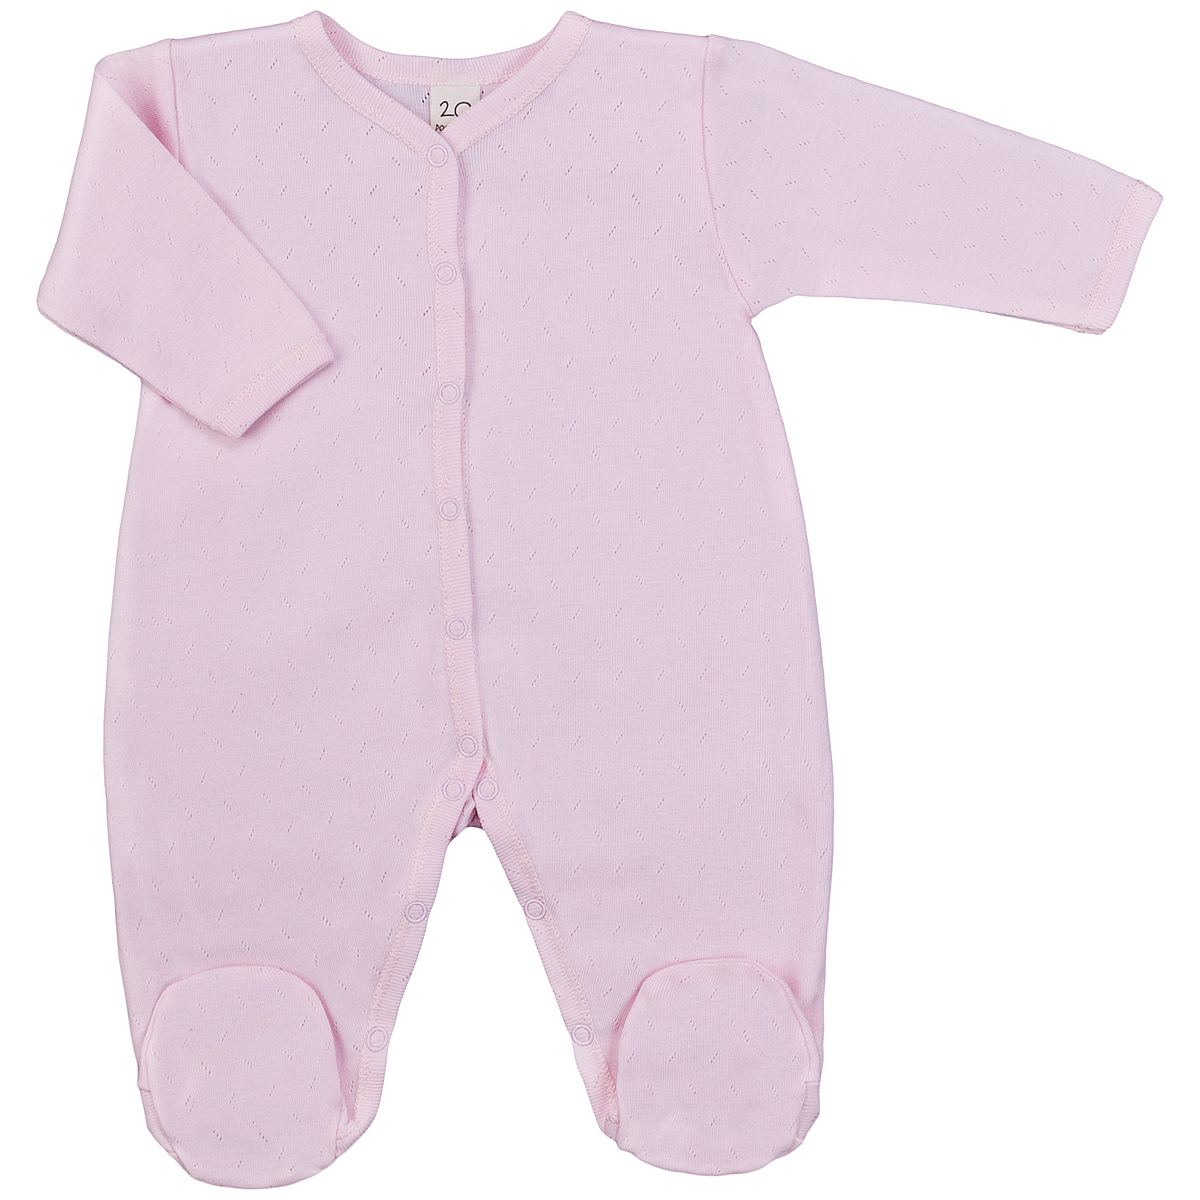 Комбинезон детский Lucky Child Ажур, цвет: розовый. 0-12. Размер 80/860-12Детский комбинезон Lucky Child - очень удобный и практичный вид одежды для малышей. Комбинезон выполнен из натурального хлопка, благодаря чему он необычайно мягкий и приятный на ощупь, не раздражают нежную кожу ребенка и хорошо вентилируются, а эластичные швы приятны телу малыша и не препятствуют его движениям. Комбинезон с длинными рукавами и закрытыми ножками имеет застежки-кнопки от горловины до щиколоток, которые помогают легко переодеть младенца или сменить подгузник.Модель выполнена из ткани с ажурным узором. С детским комбинезоном Lucky Child спинка и ножки вашего малыша всегда будут в тепле, он идеален для использования днем и незаменим ночью. Комбинезон полностью соответствует особенностям жизни младенца в ранний период, не стесняя и не ограничивая его в движениях!